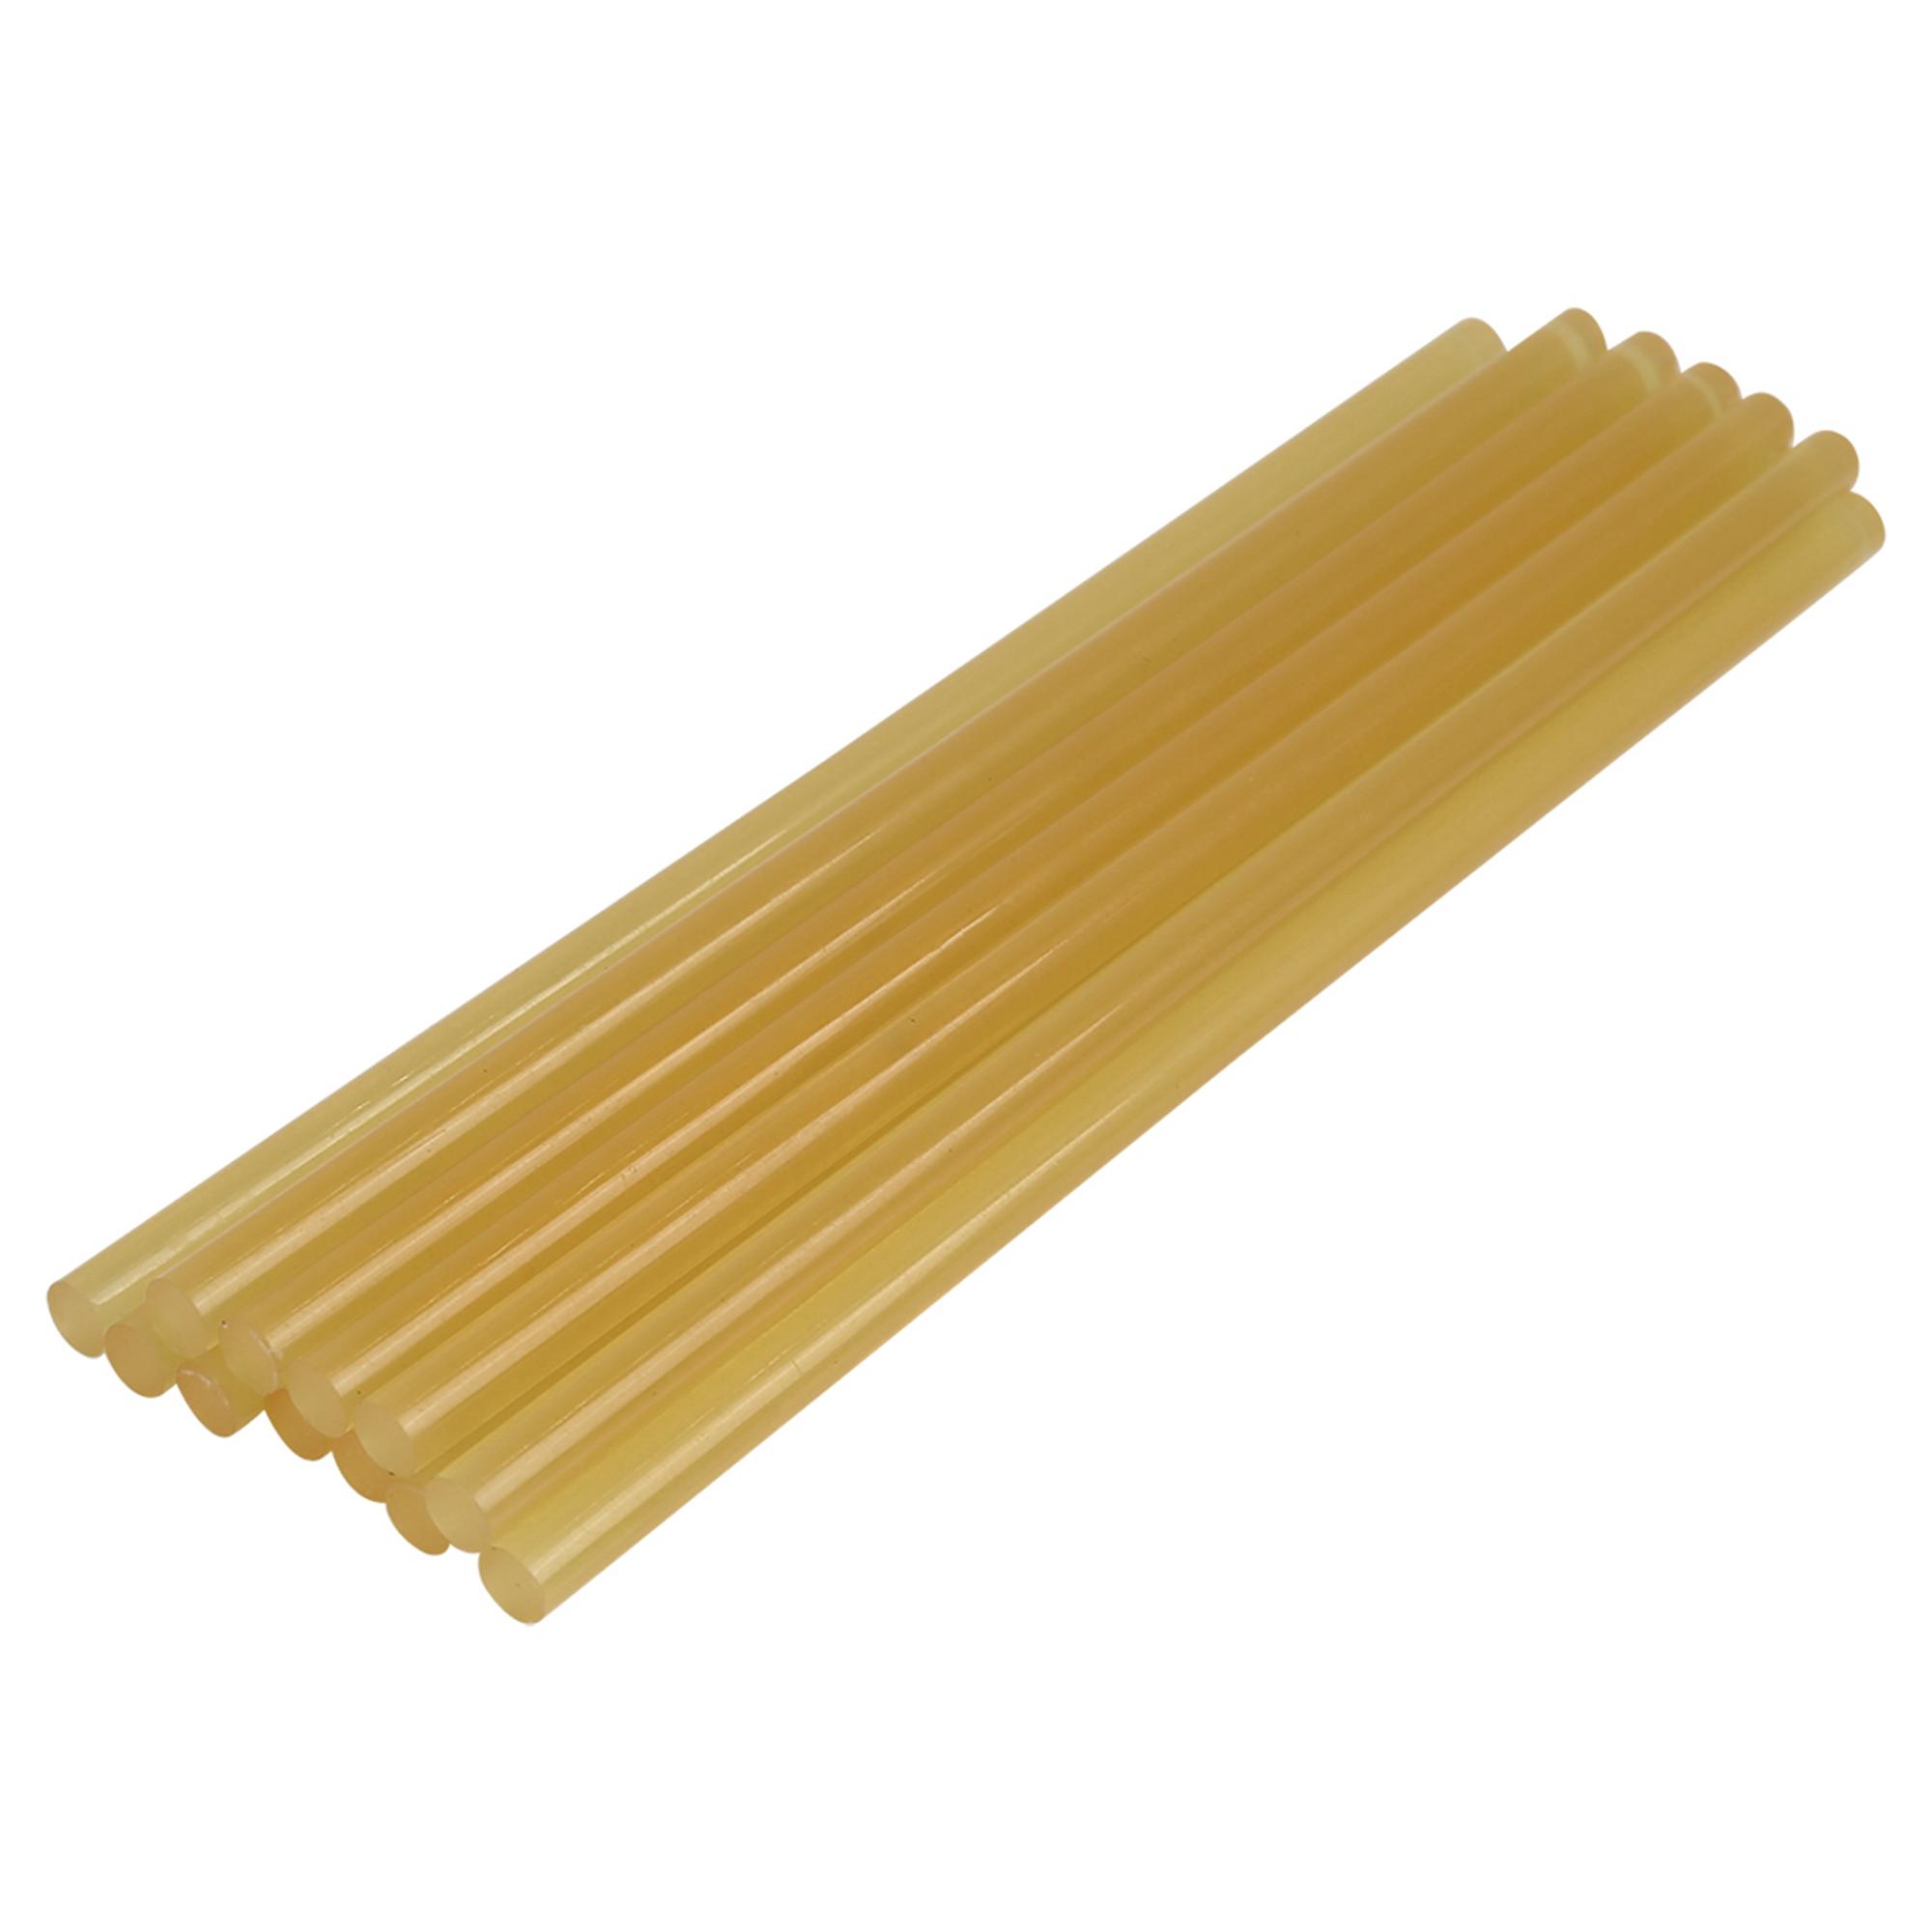 12 Pcs 7mm x 200mm Yellow Paintless Dent Repair Hot Melt Glue Sticks for Car